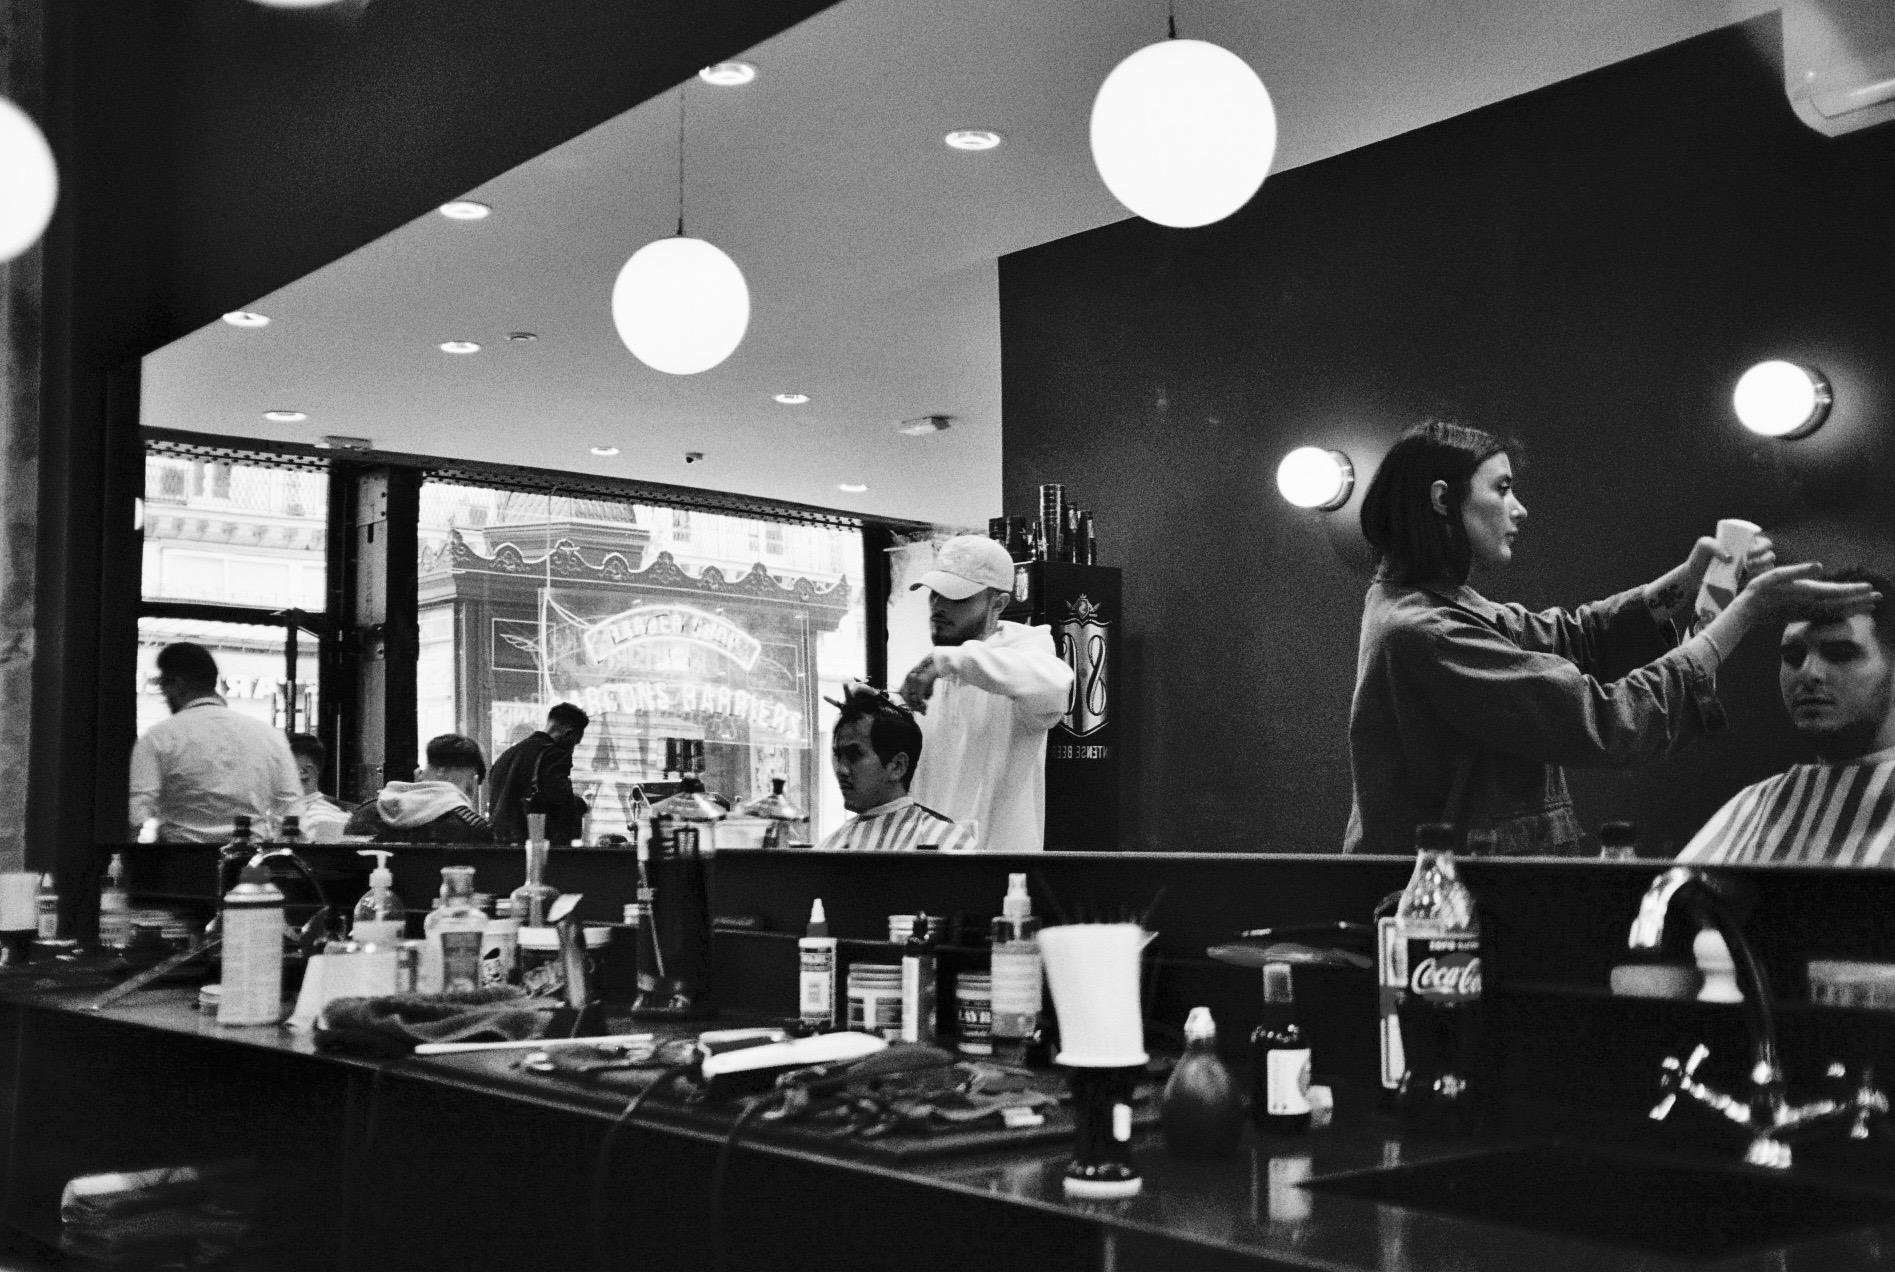 Les Garçons Barbiers - Coiffeur Barbier